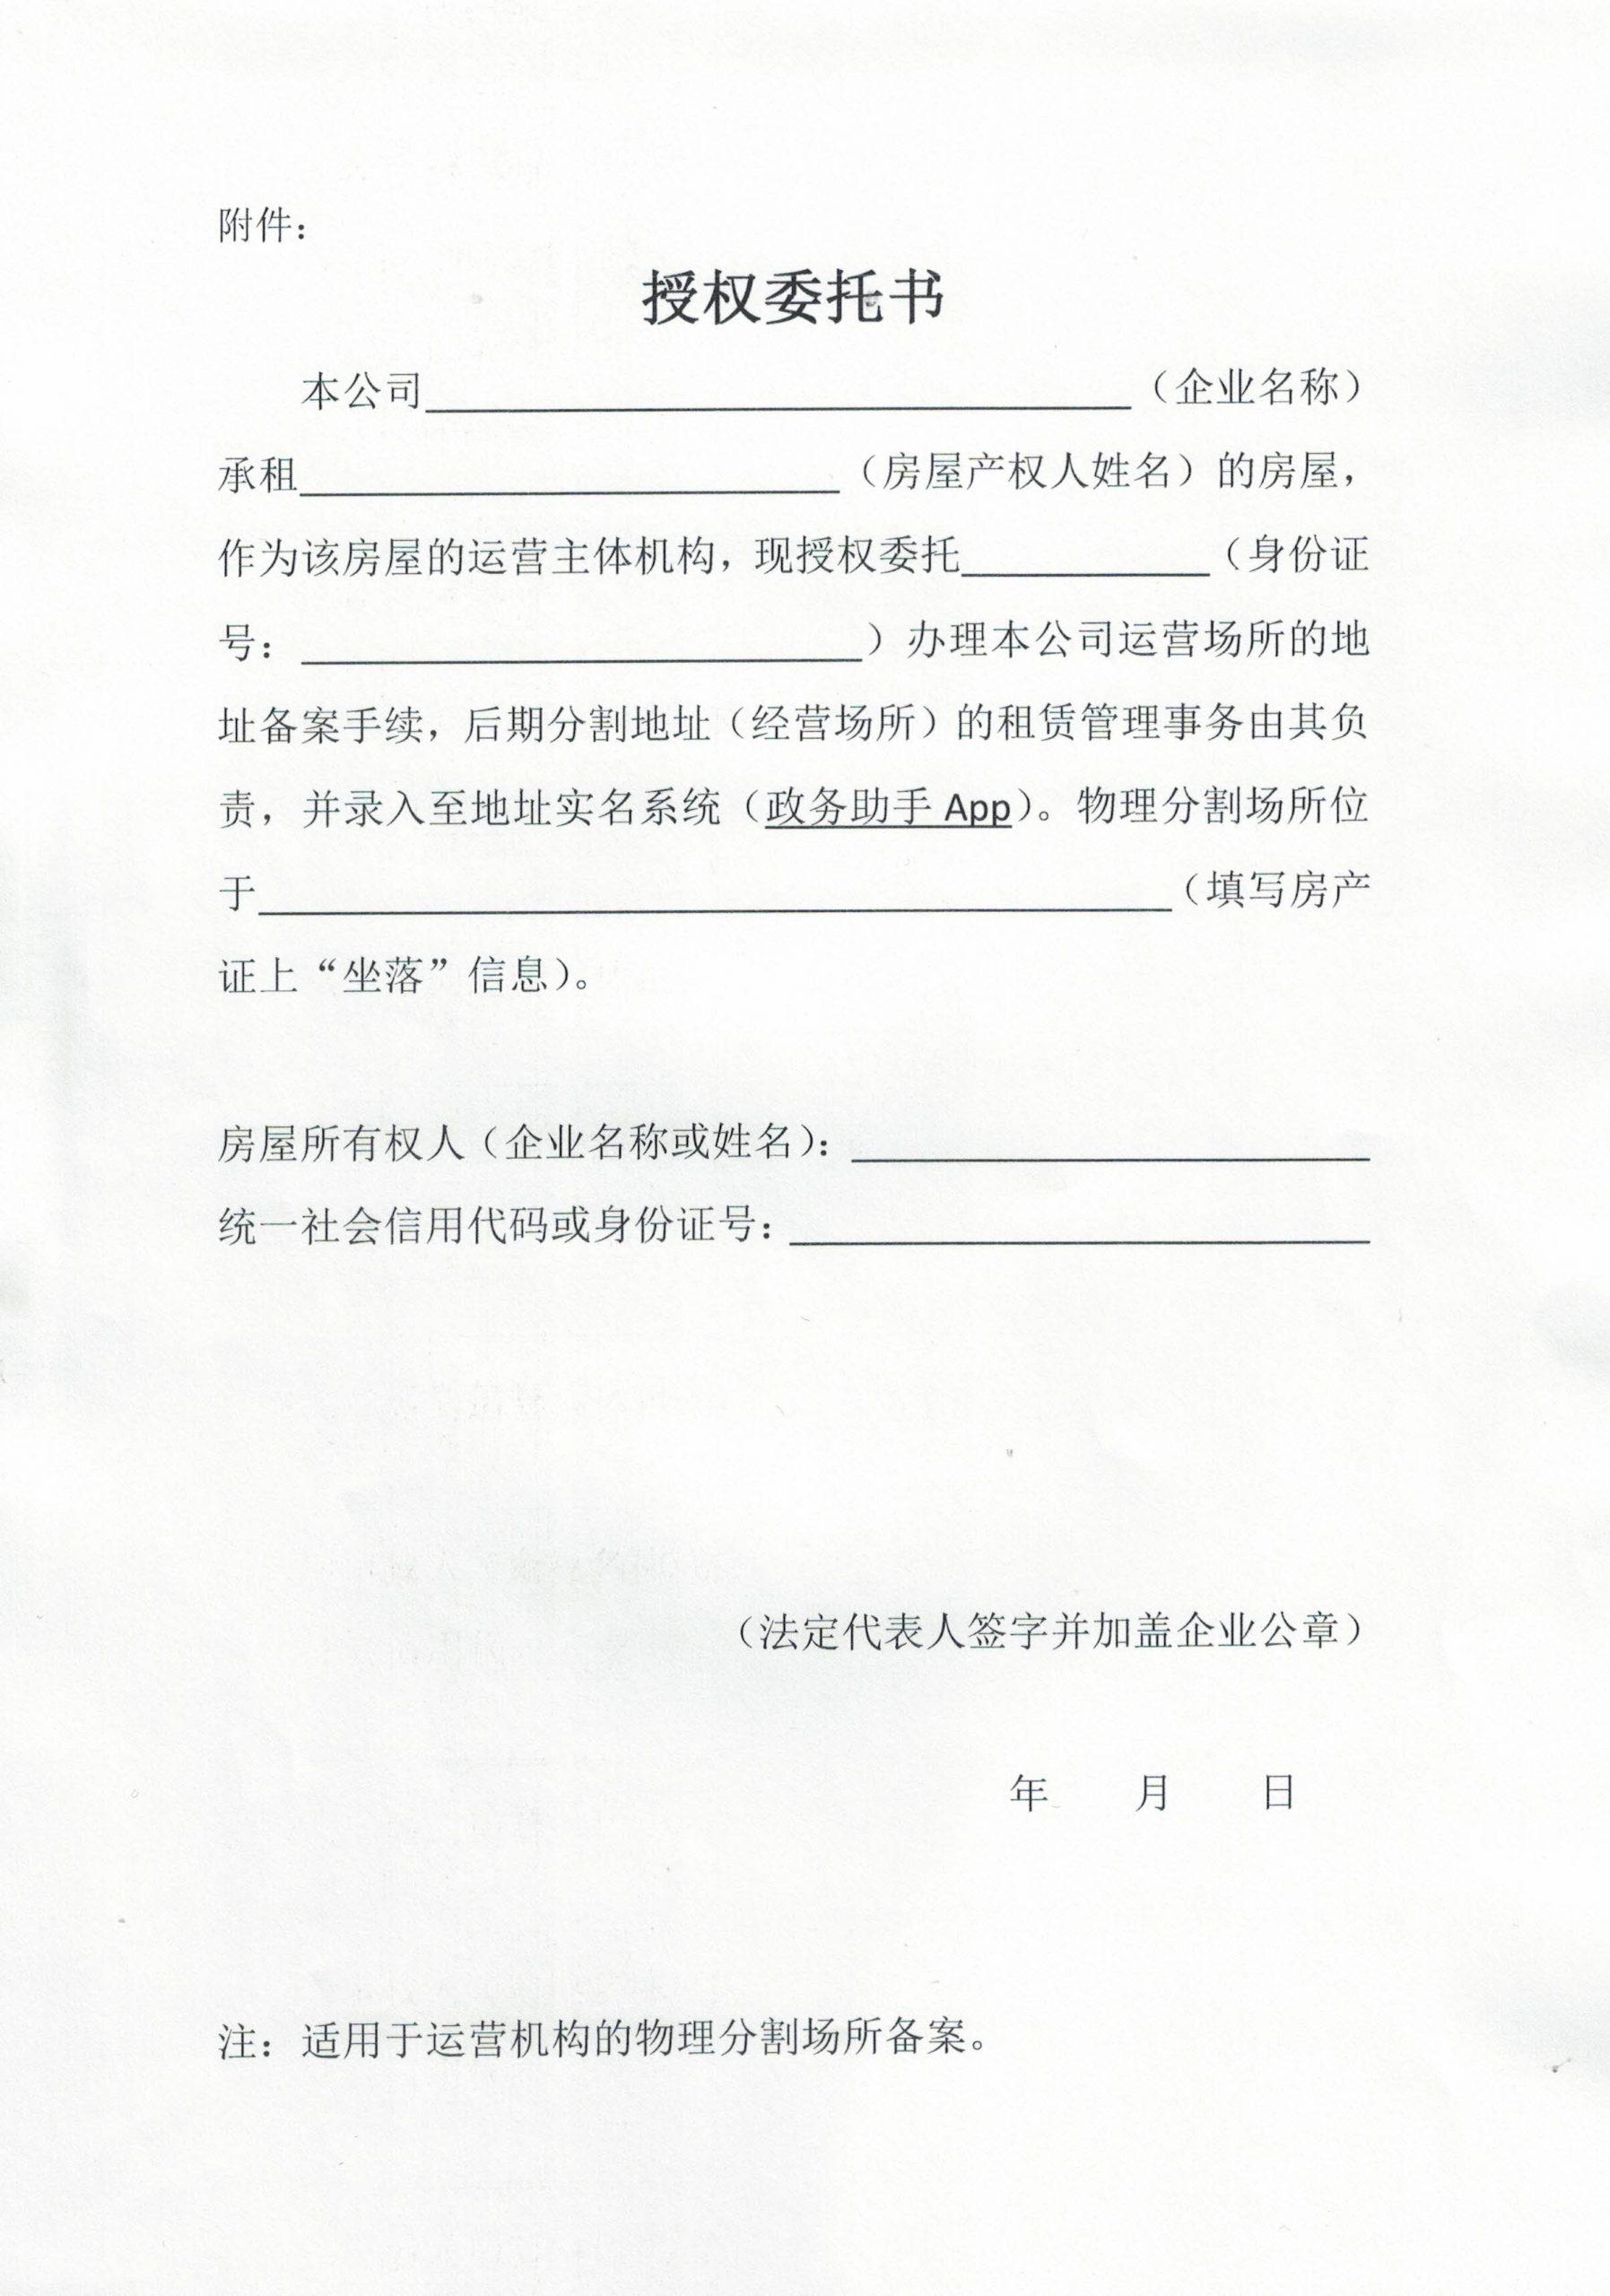 武汉东湖新技术开发区物理分割地址备案材料清单